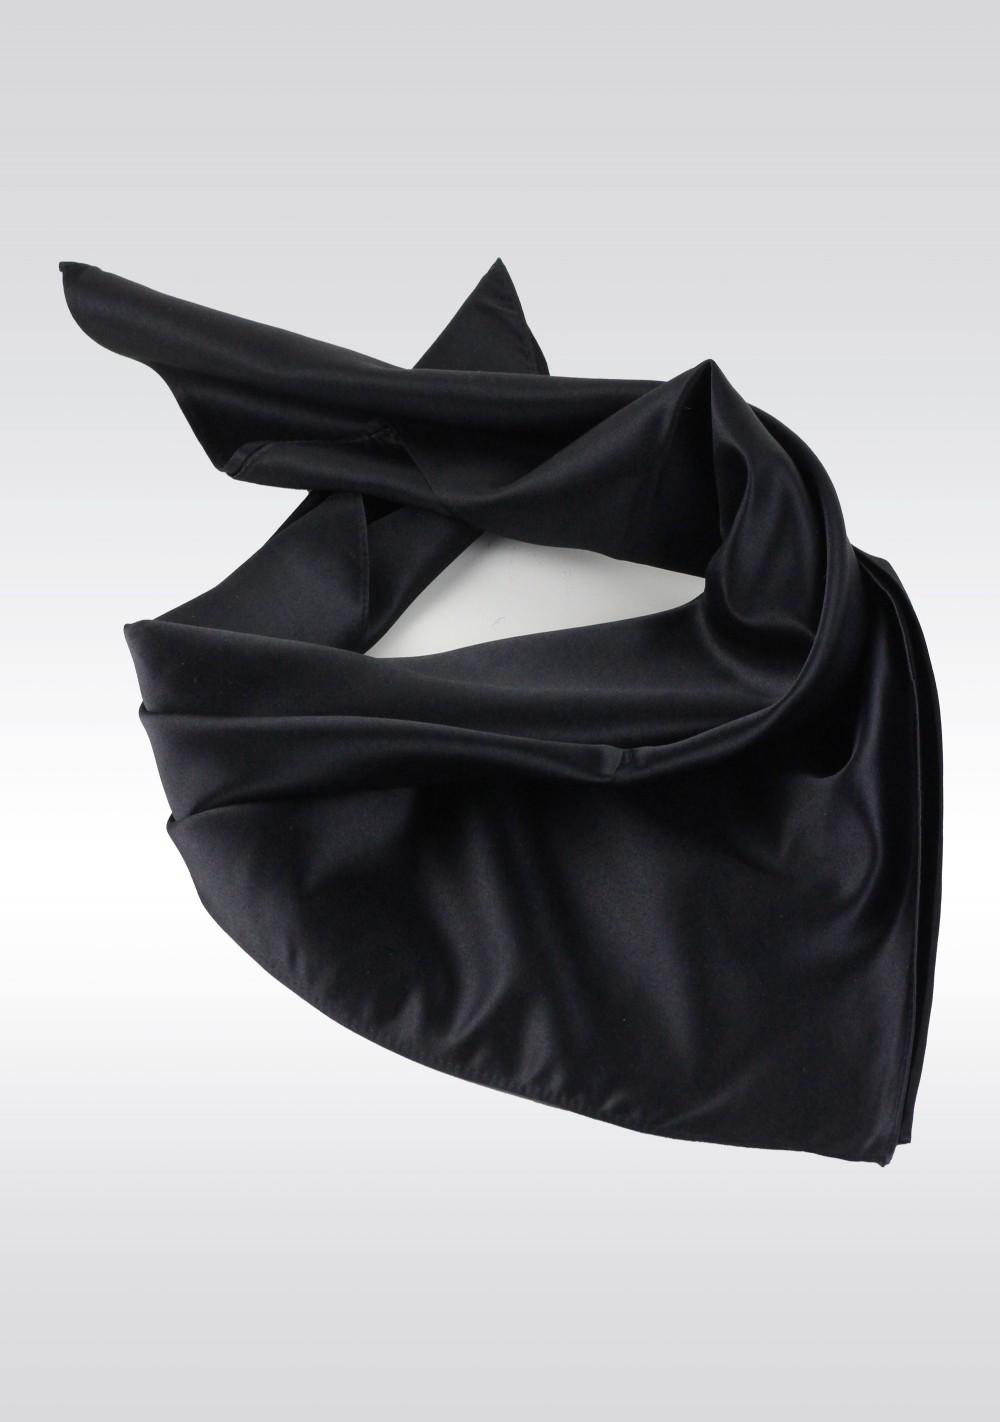 Satin Women's Scarf in Jet Black